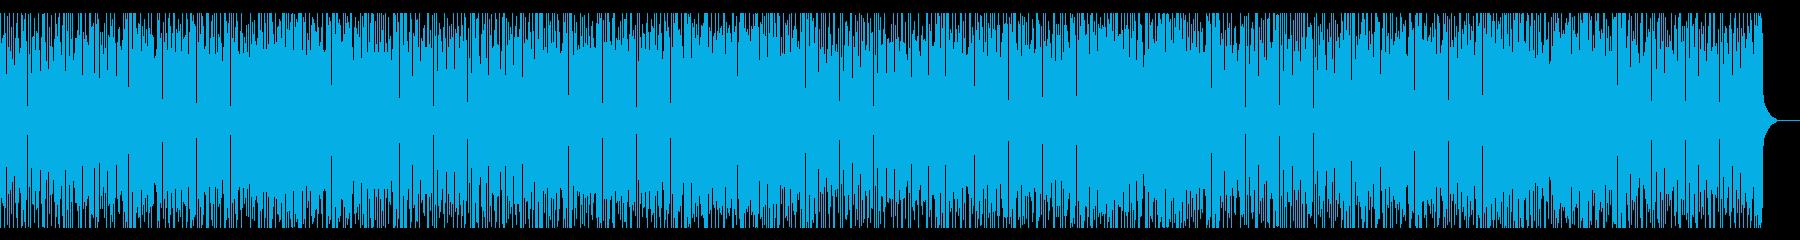 パズルゲーム風の元気なギターBGMの再生済みの波形